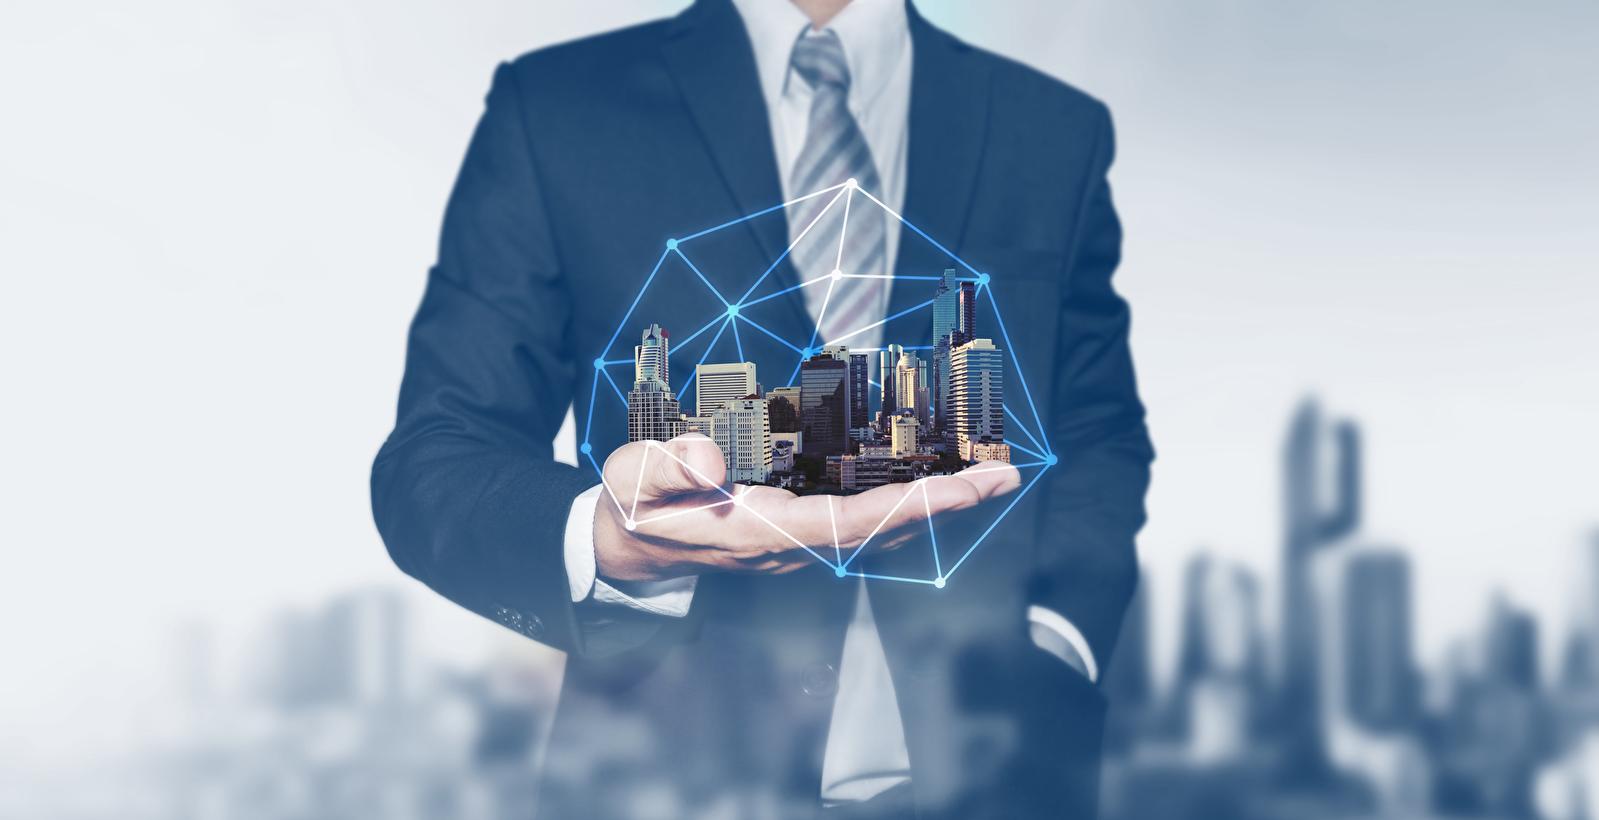 Comment choisir son agence immobilière pour la vente de votre bien immobilier ?